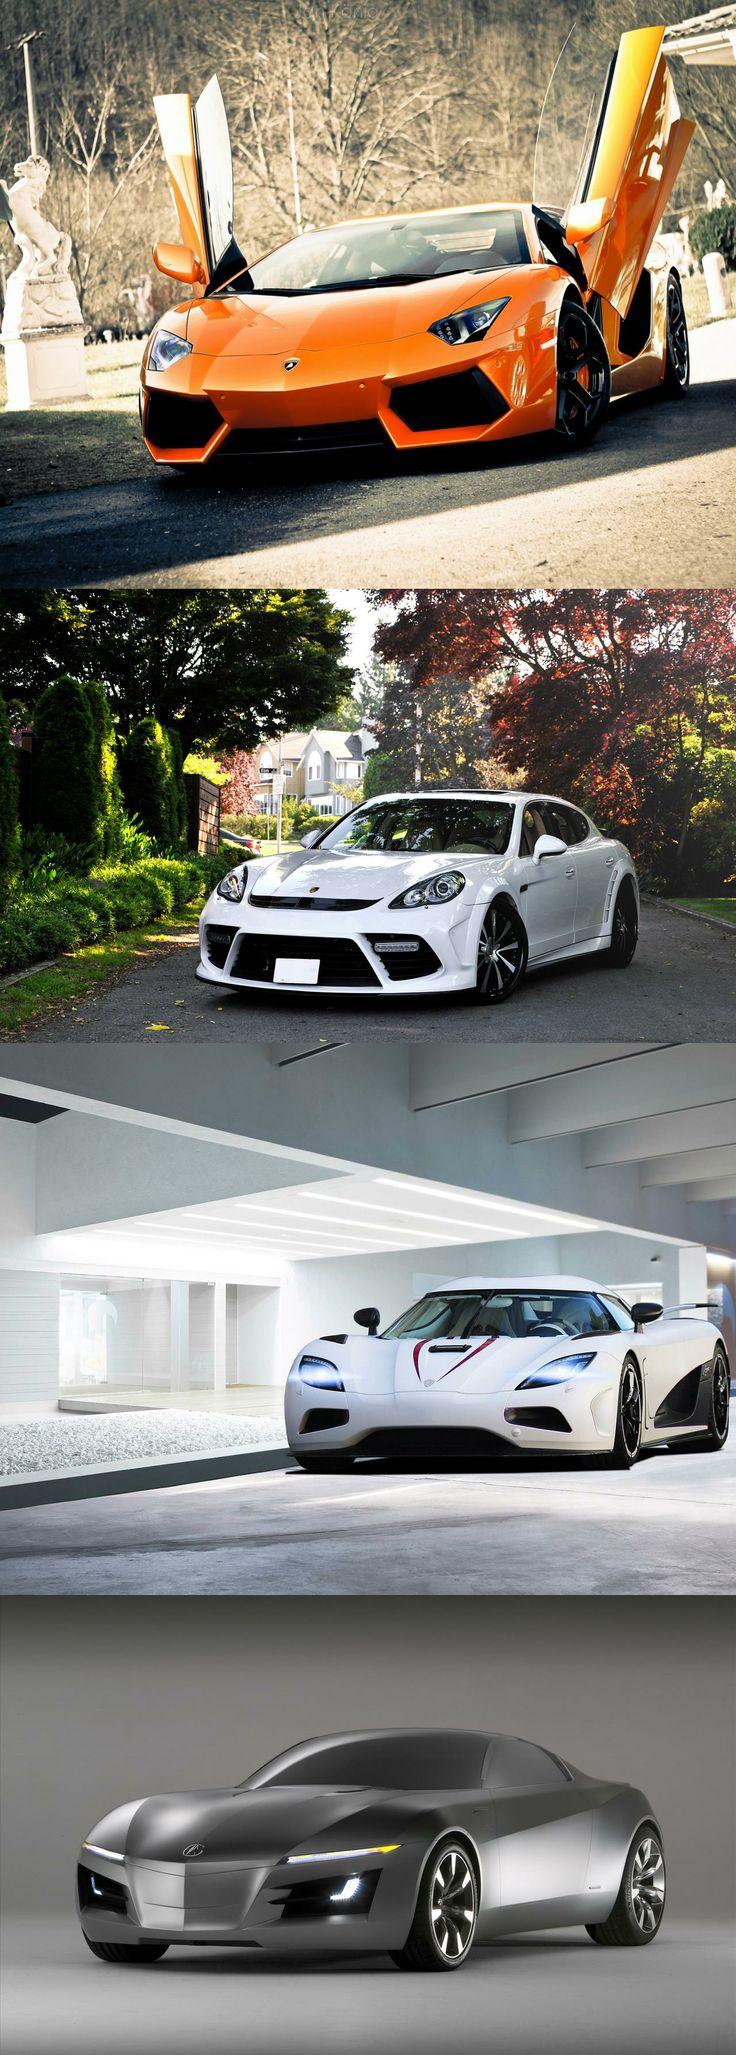 acura car, Acura Sports Car